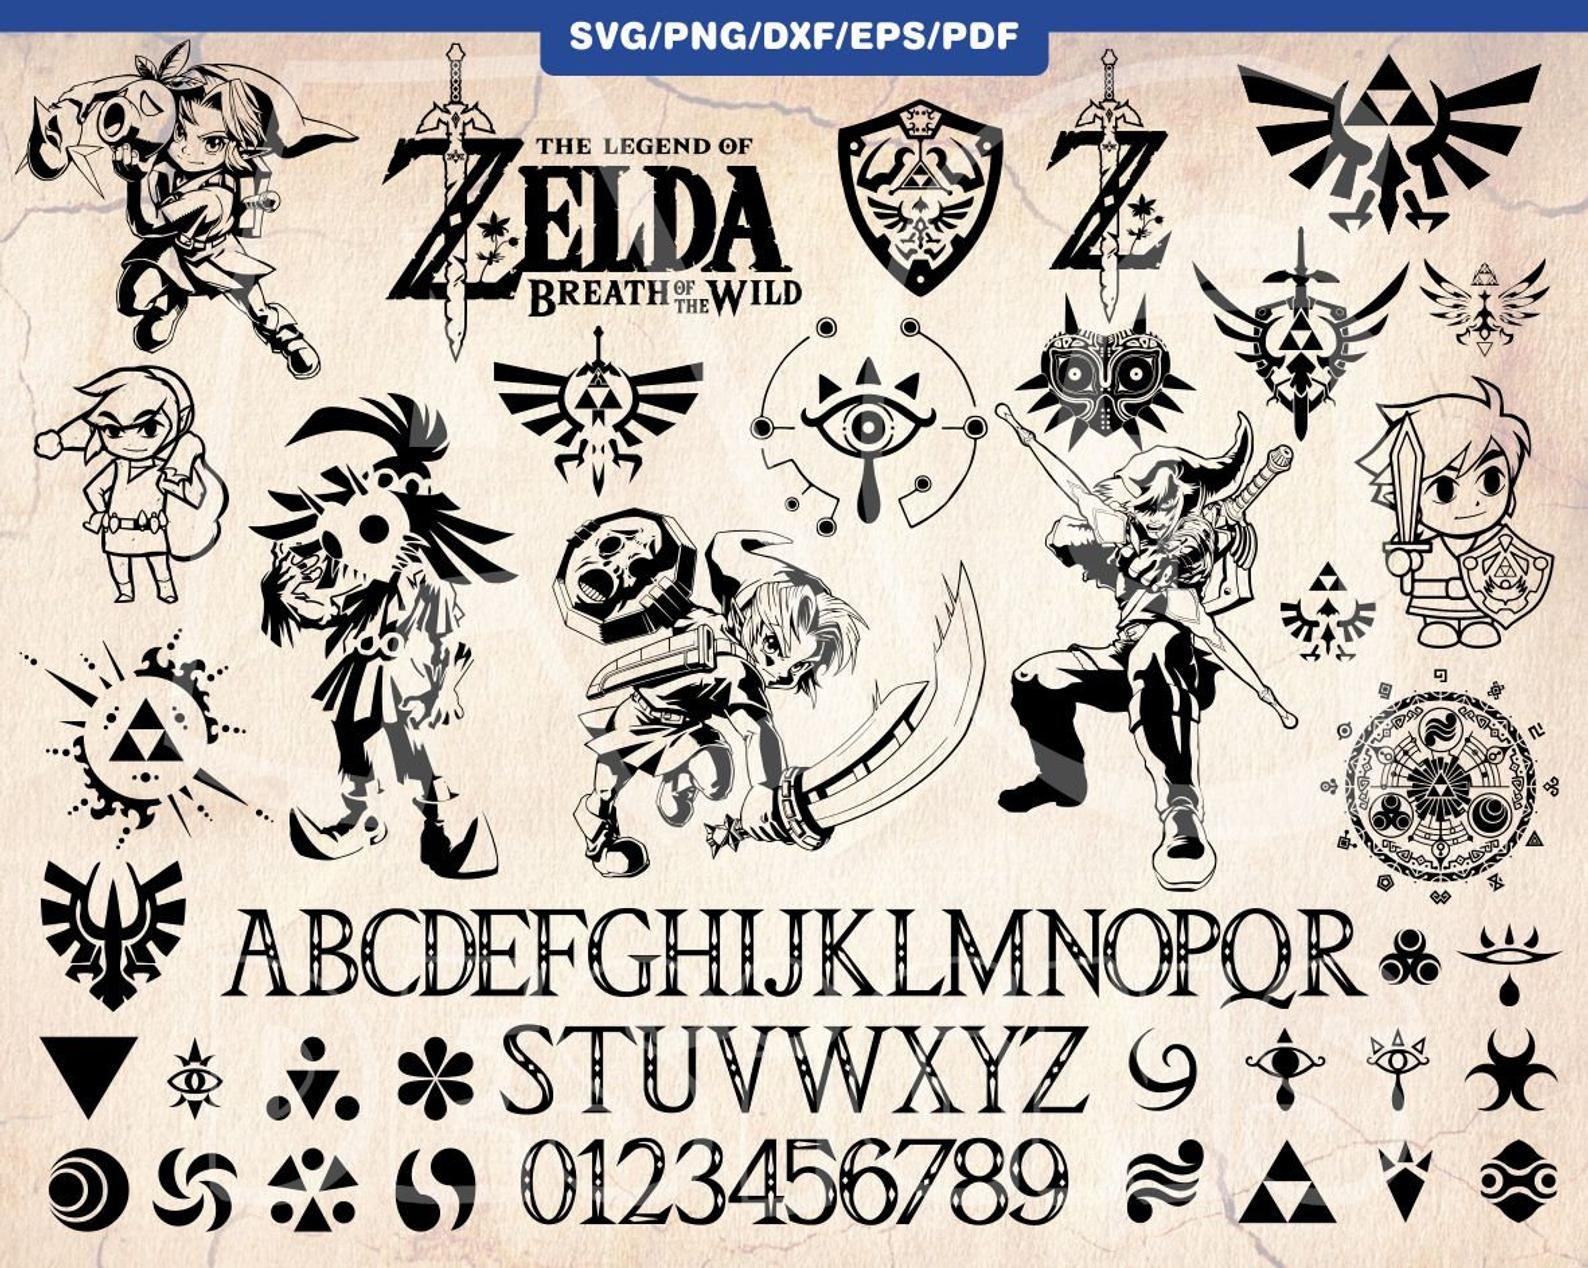 Zelda Wii U Breath Of The Wild Official Screenshots Zelda Tattoo Legend Of Zelda Tattoos Legend Of Zelda Breath